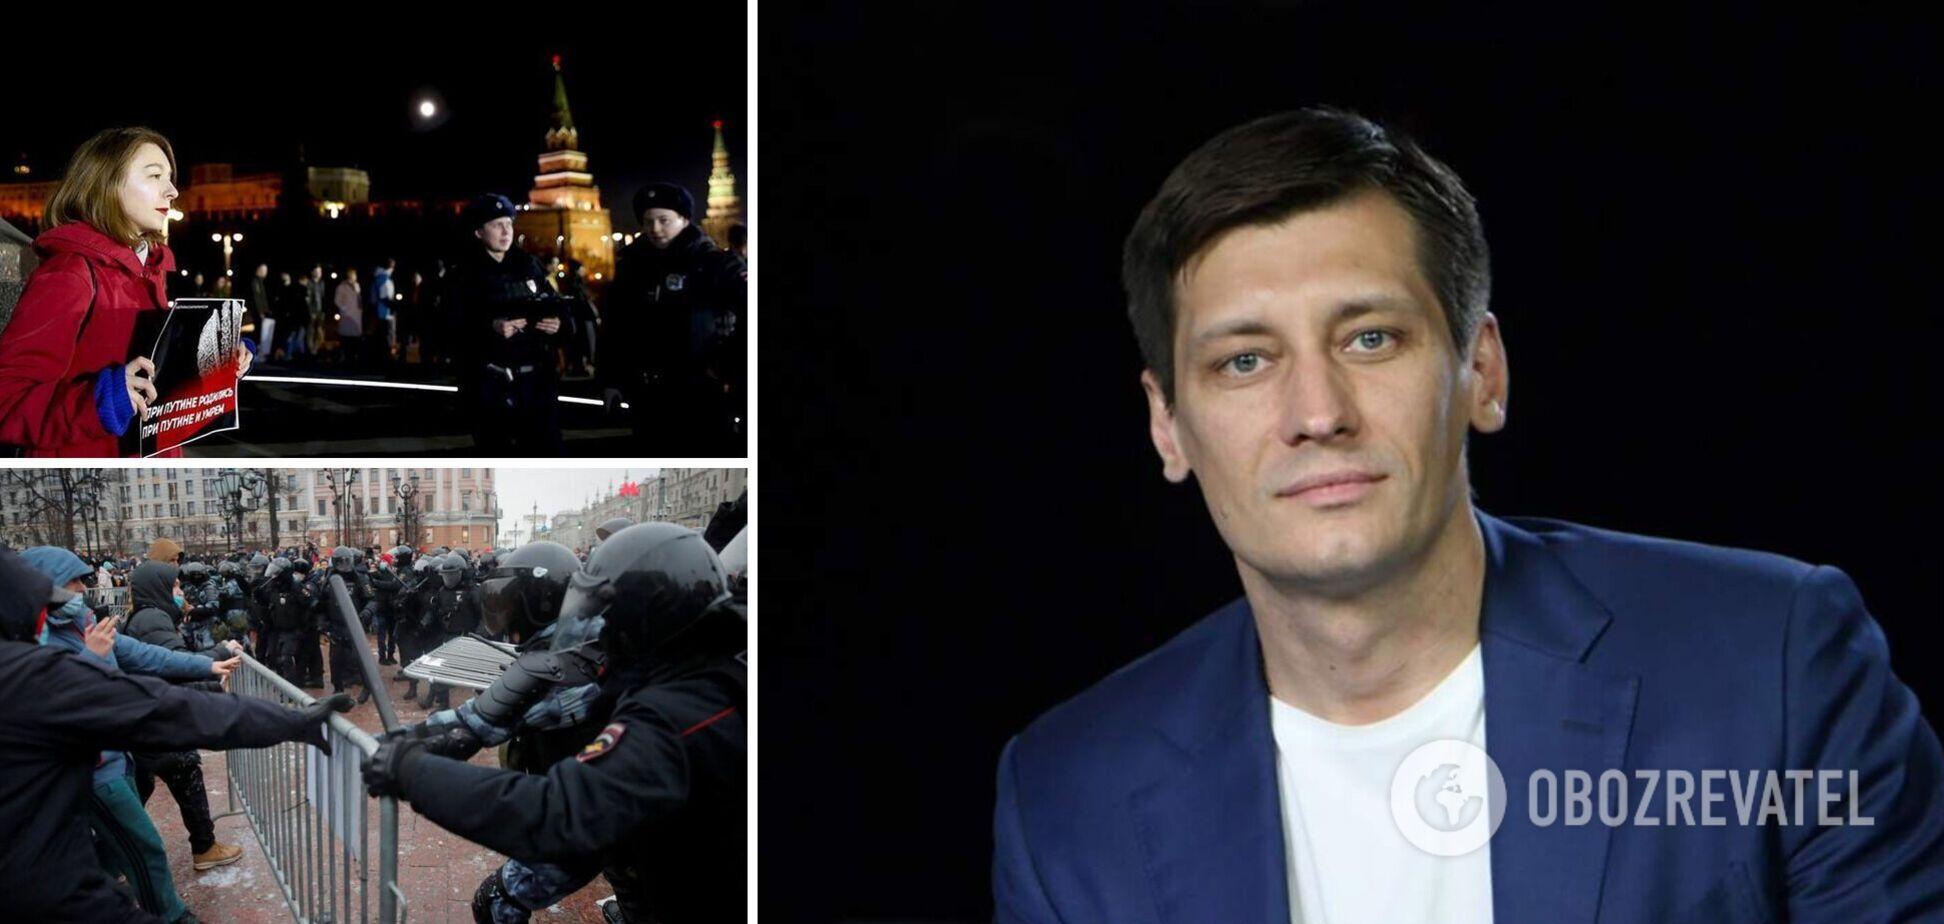 Путін піде в історію, Крим – це Україна: що говорив опозиціонер Гудков, який залишив Росію